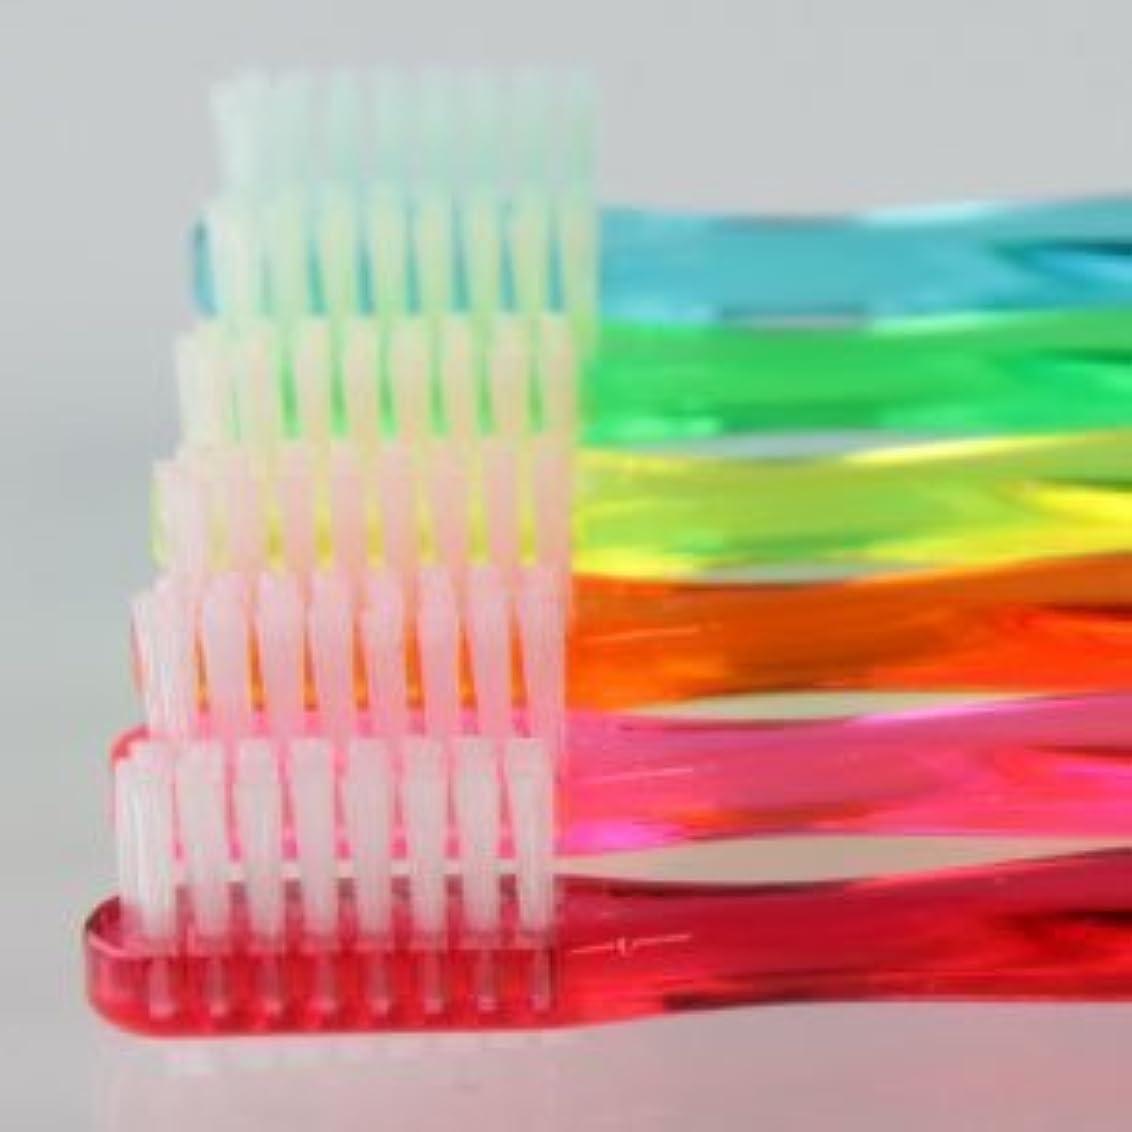 懺悔分離する優越サムフレンド 歯ブラシ #11(乳歯?永久歯の混合歯列期向け) 6本 ※お色は当店お任せです